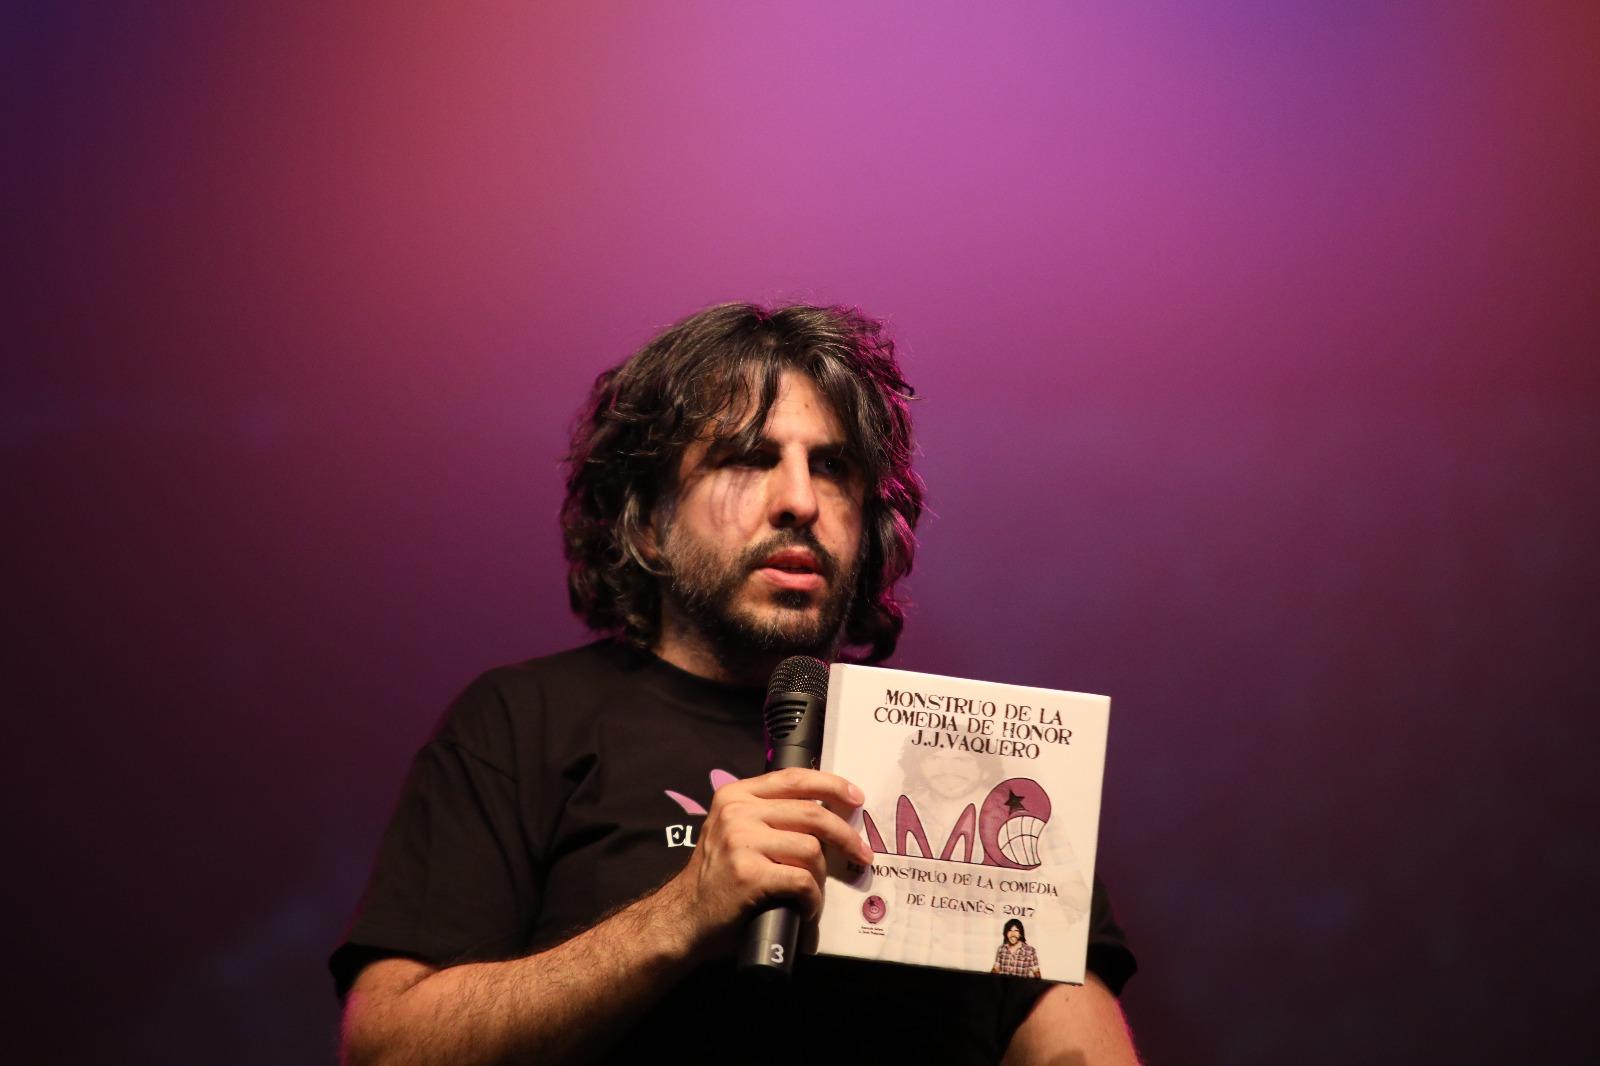 JJ Vaquero, padrino de El Monstruo de la Comedia IV